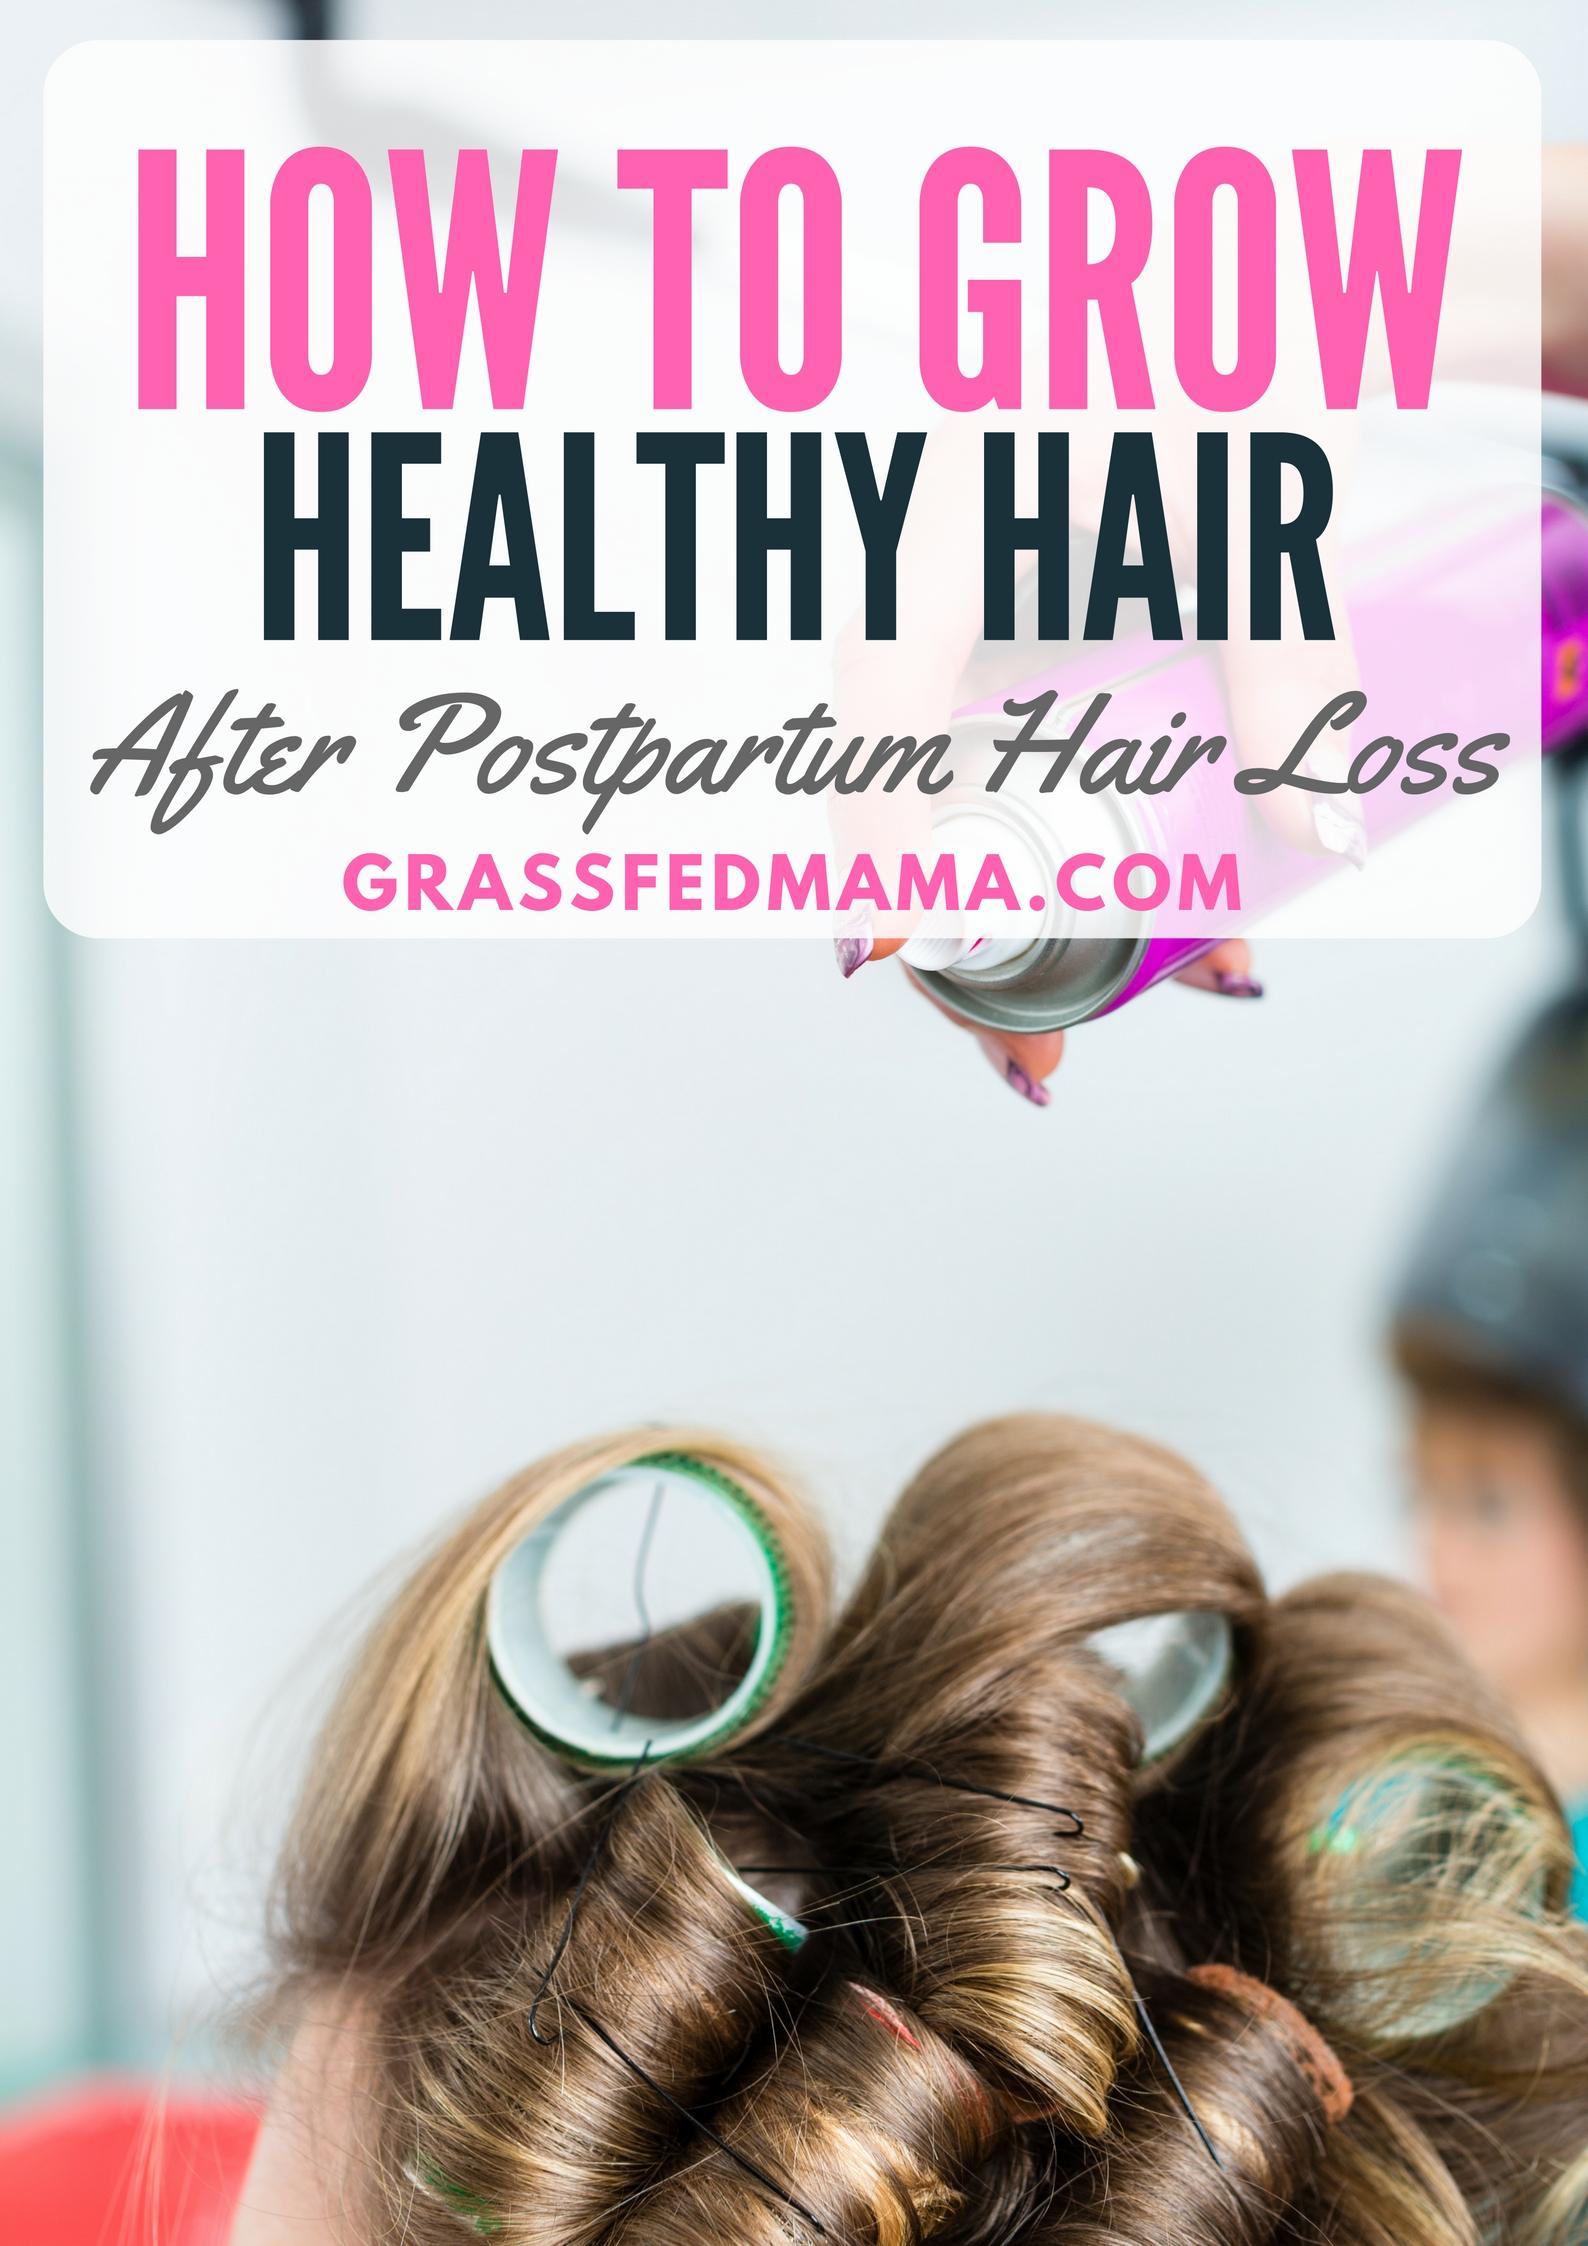 how to grow heathy hair